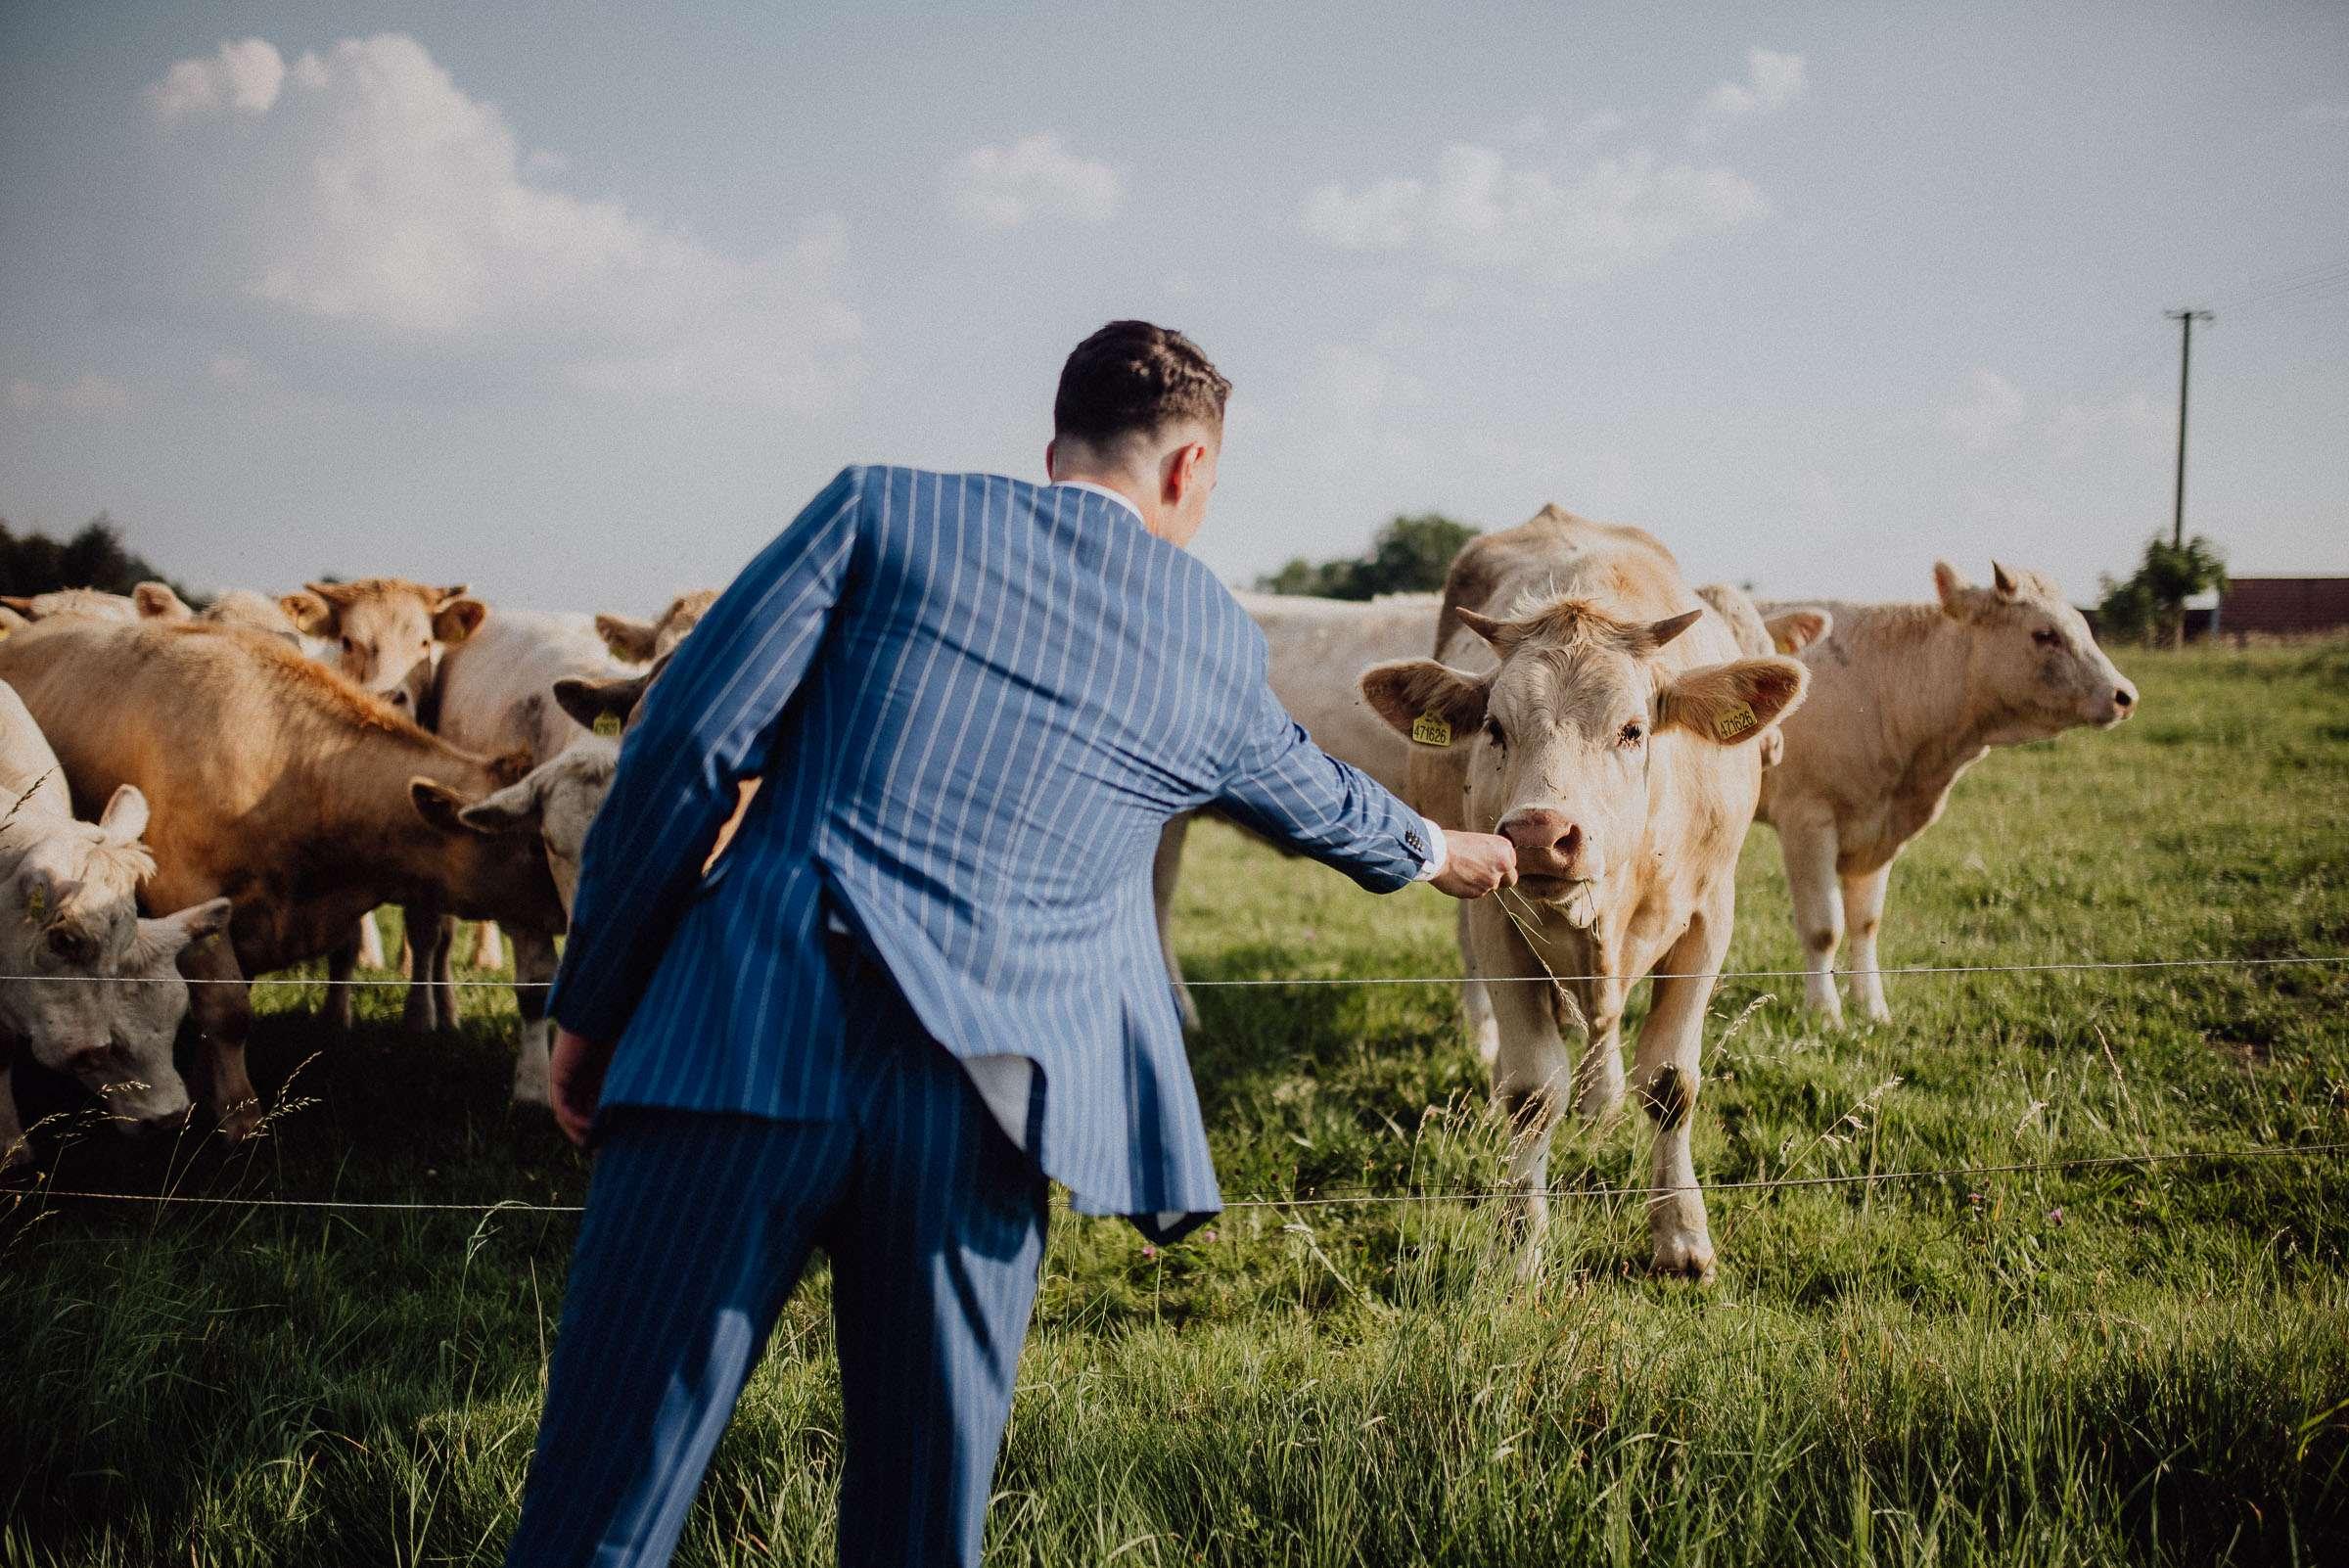 Ženich krmí senem krávy přihlížející focení Orlické hory Kunvald